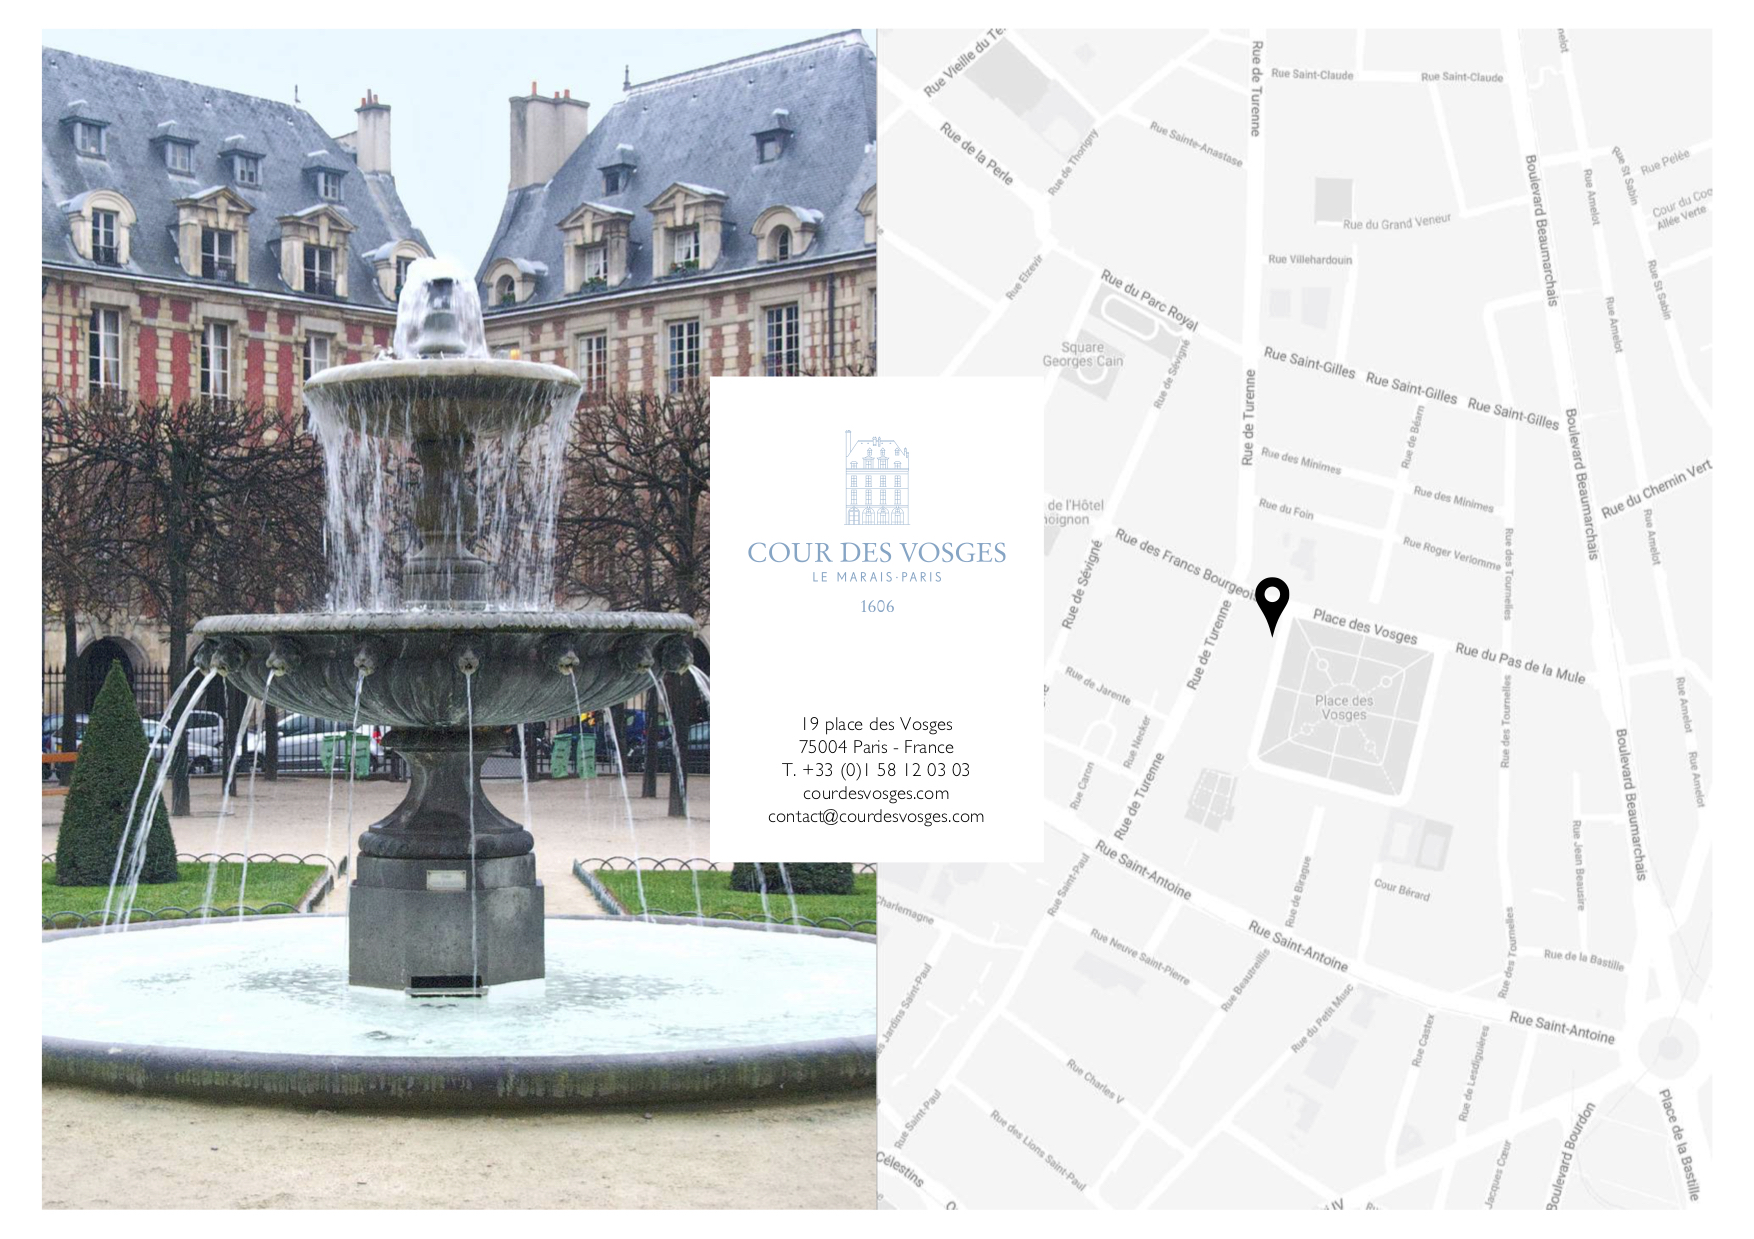 Cours des Vosges map.jpg